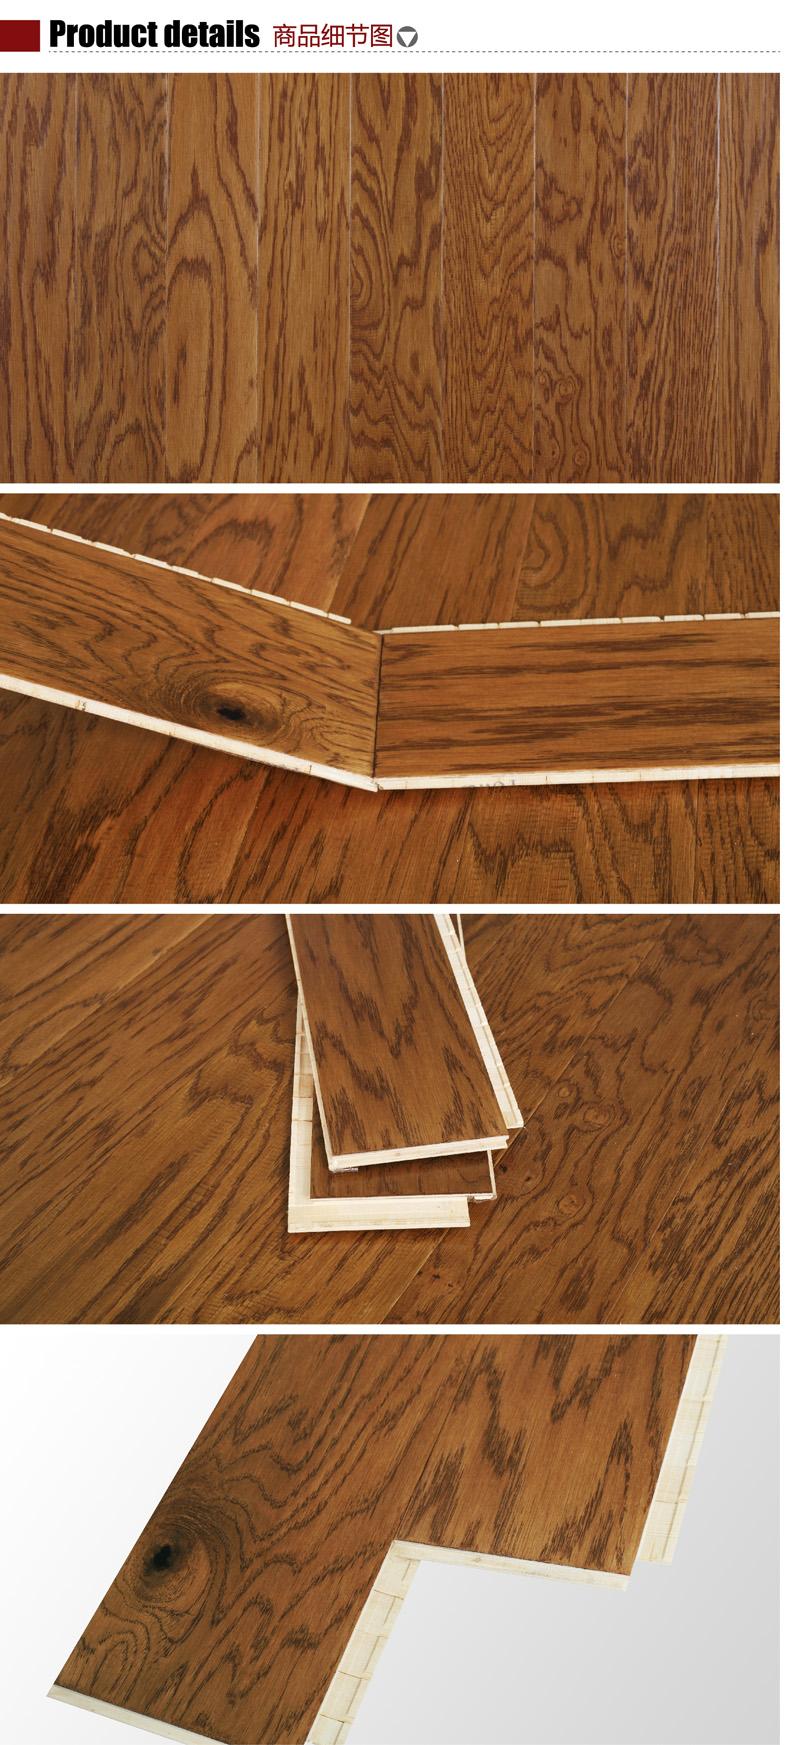 康逸三层实木复合木地板nk3001卡布奇诺专用地暖